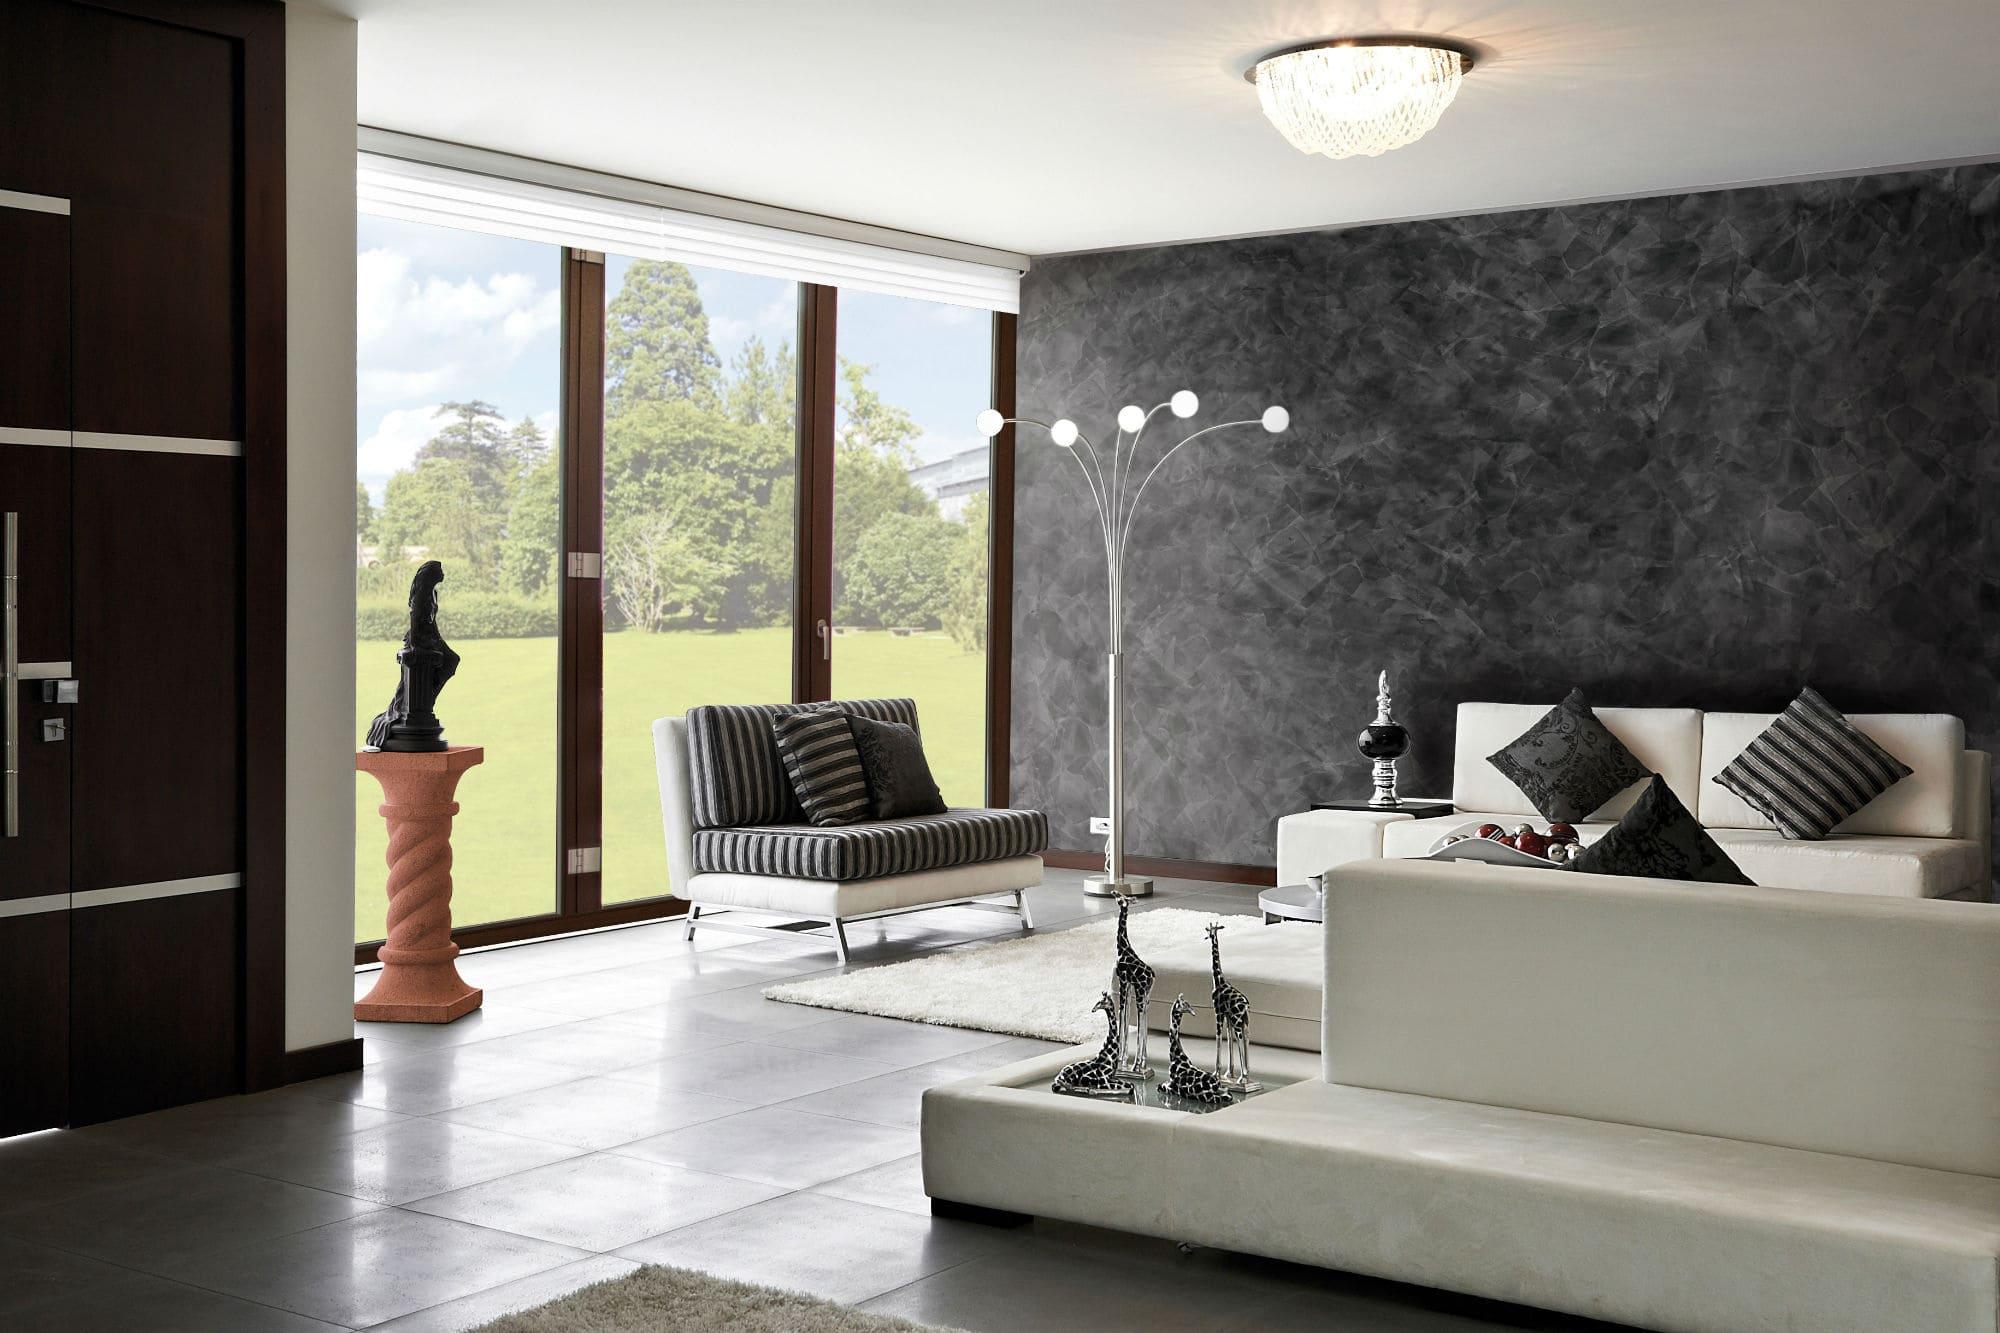 Декоративная штукатурка - лучшие красивые варианты отделки стен в интерьере 024